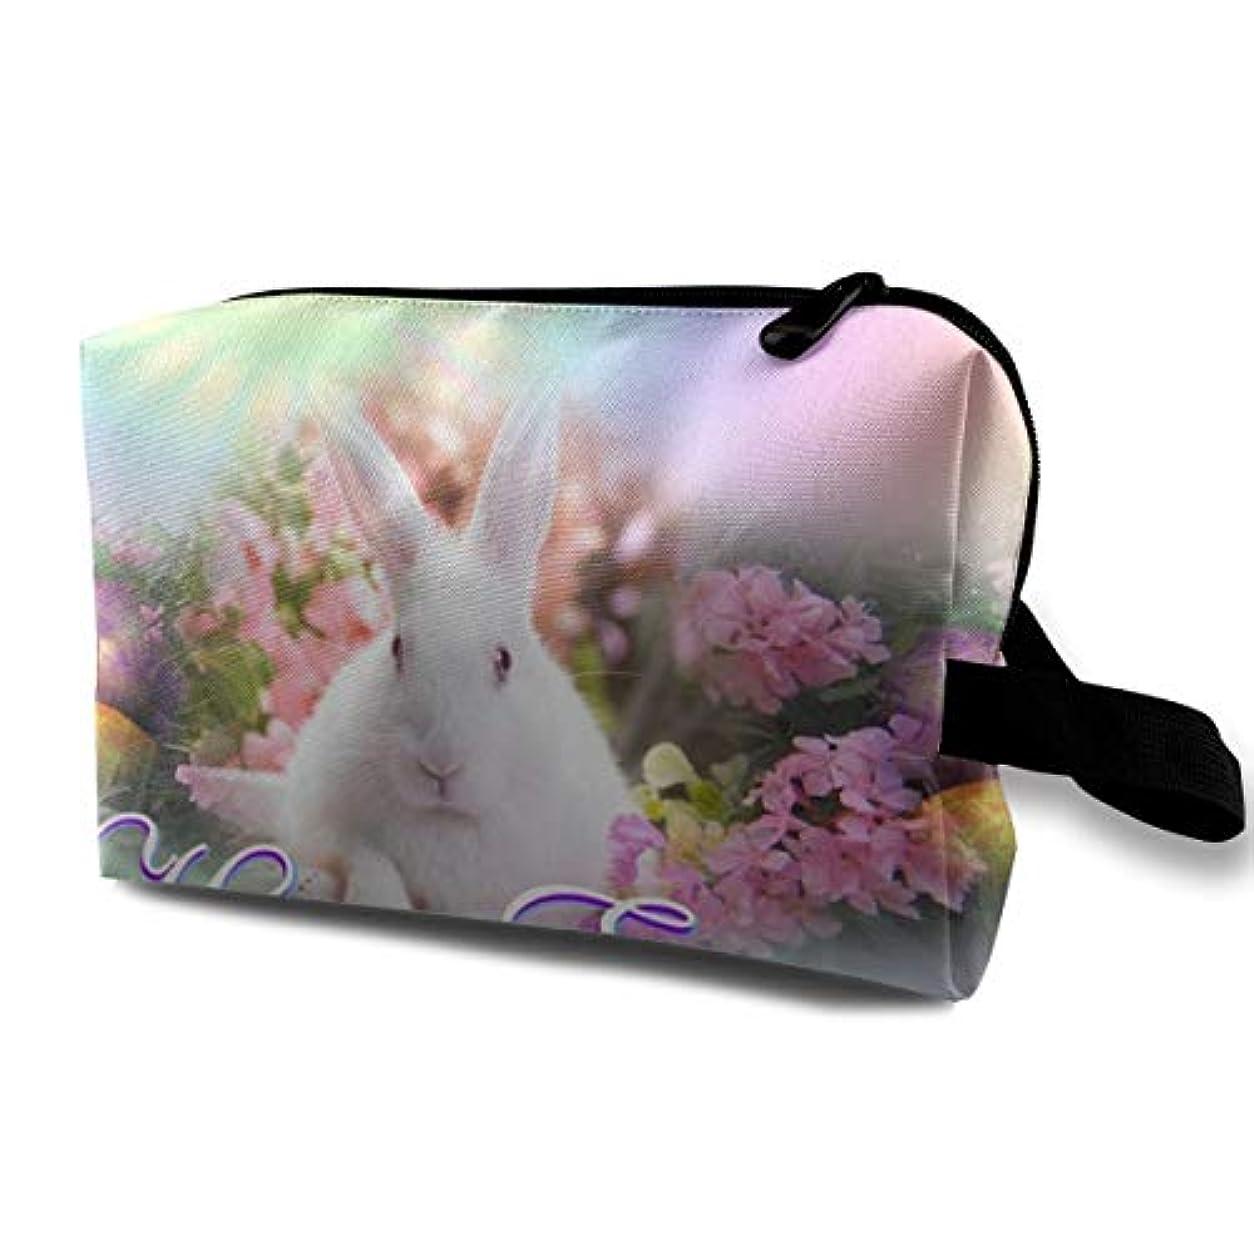 ソース列挙する頭痛MEClOUD 化粧ポーチイースター おめでとう ウサギ メイクポーチ コスメバッグ 収納 雑貨大容量 小物入れ 旅行用